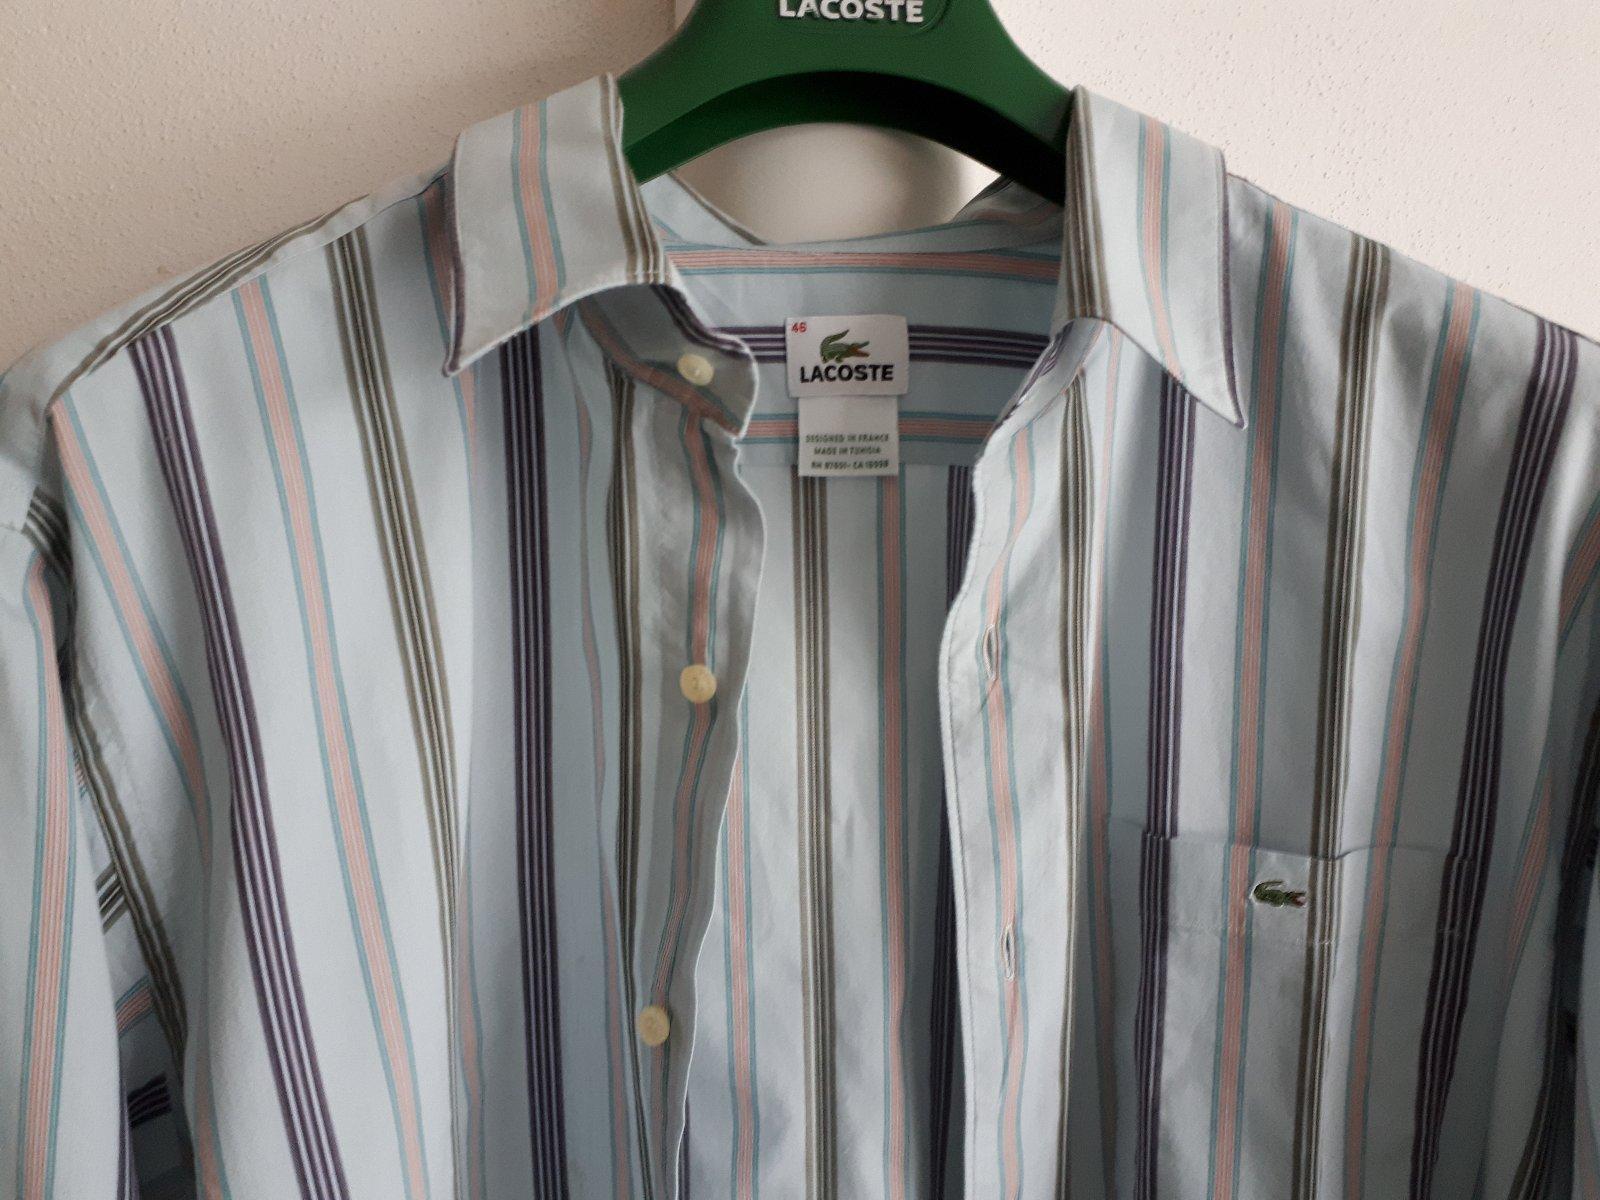 1c36ad7547940 Pánska lacoste košeľa top stav, lacoste,46 - 10 € od predávajúcej tajuja | Detský  bazár | ModryKonik.sk